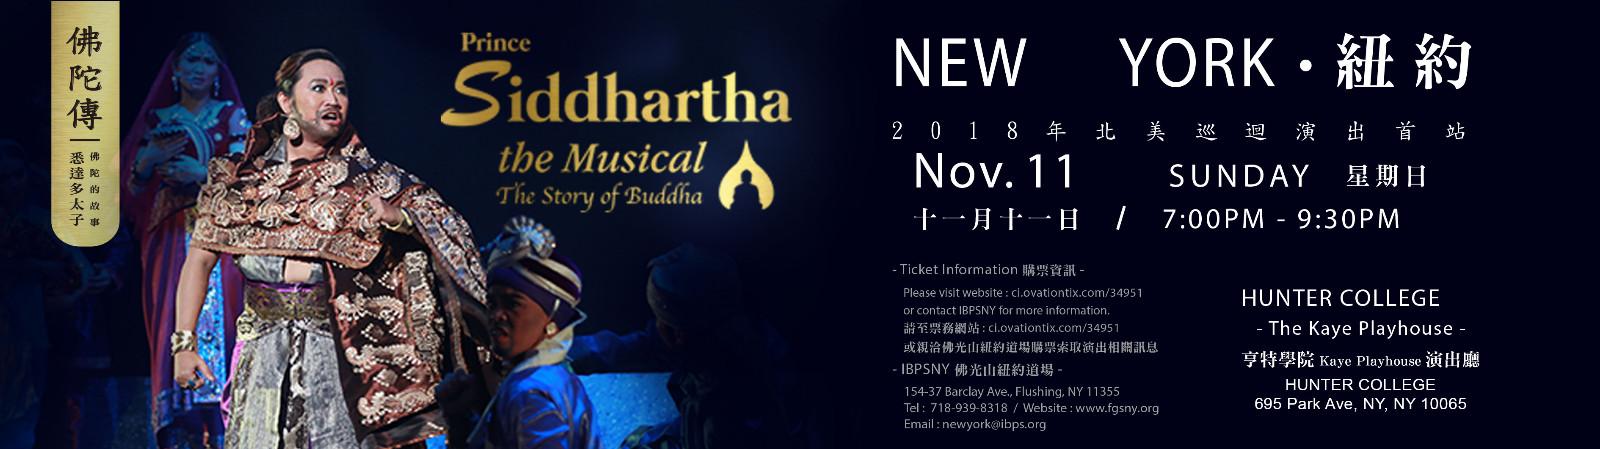 佛陀也会说英文?唱音乐剧?--《佛陀传音乐剧》18年北美巡回演出金秋亨特学院登场